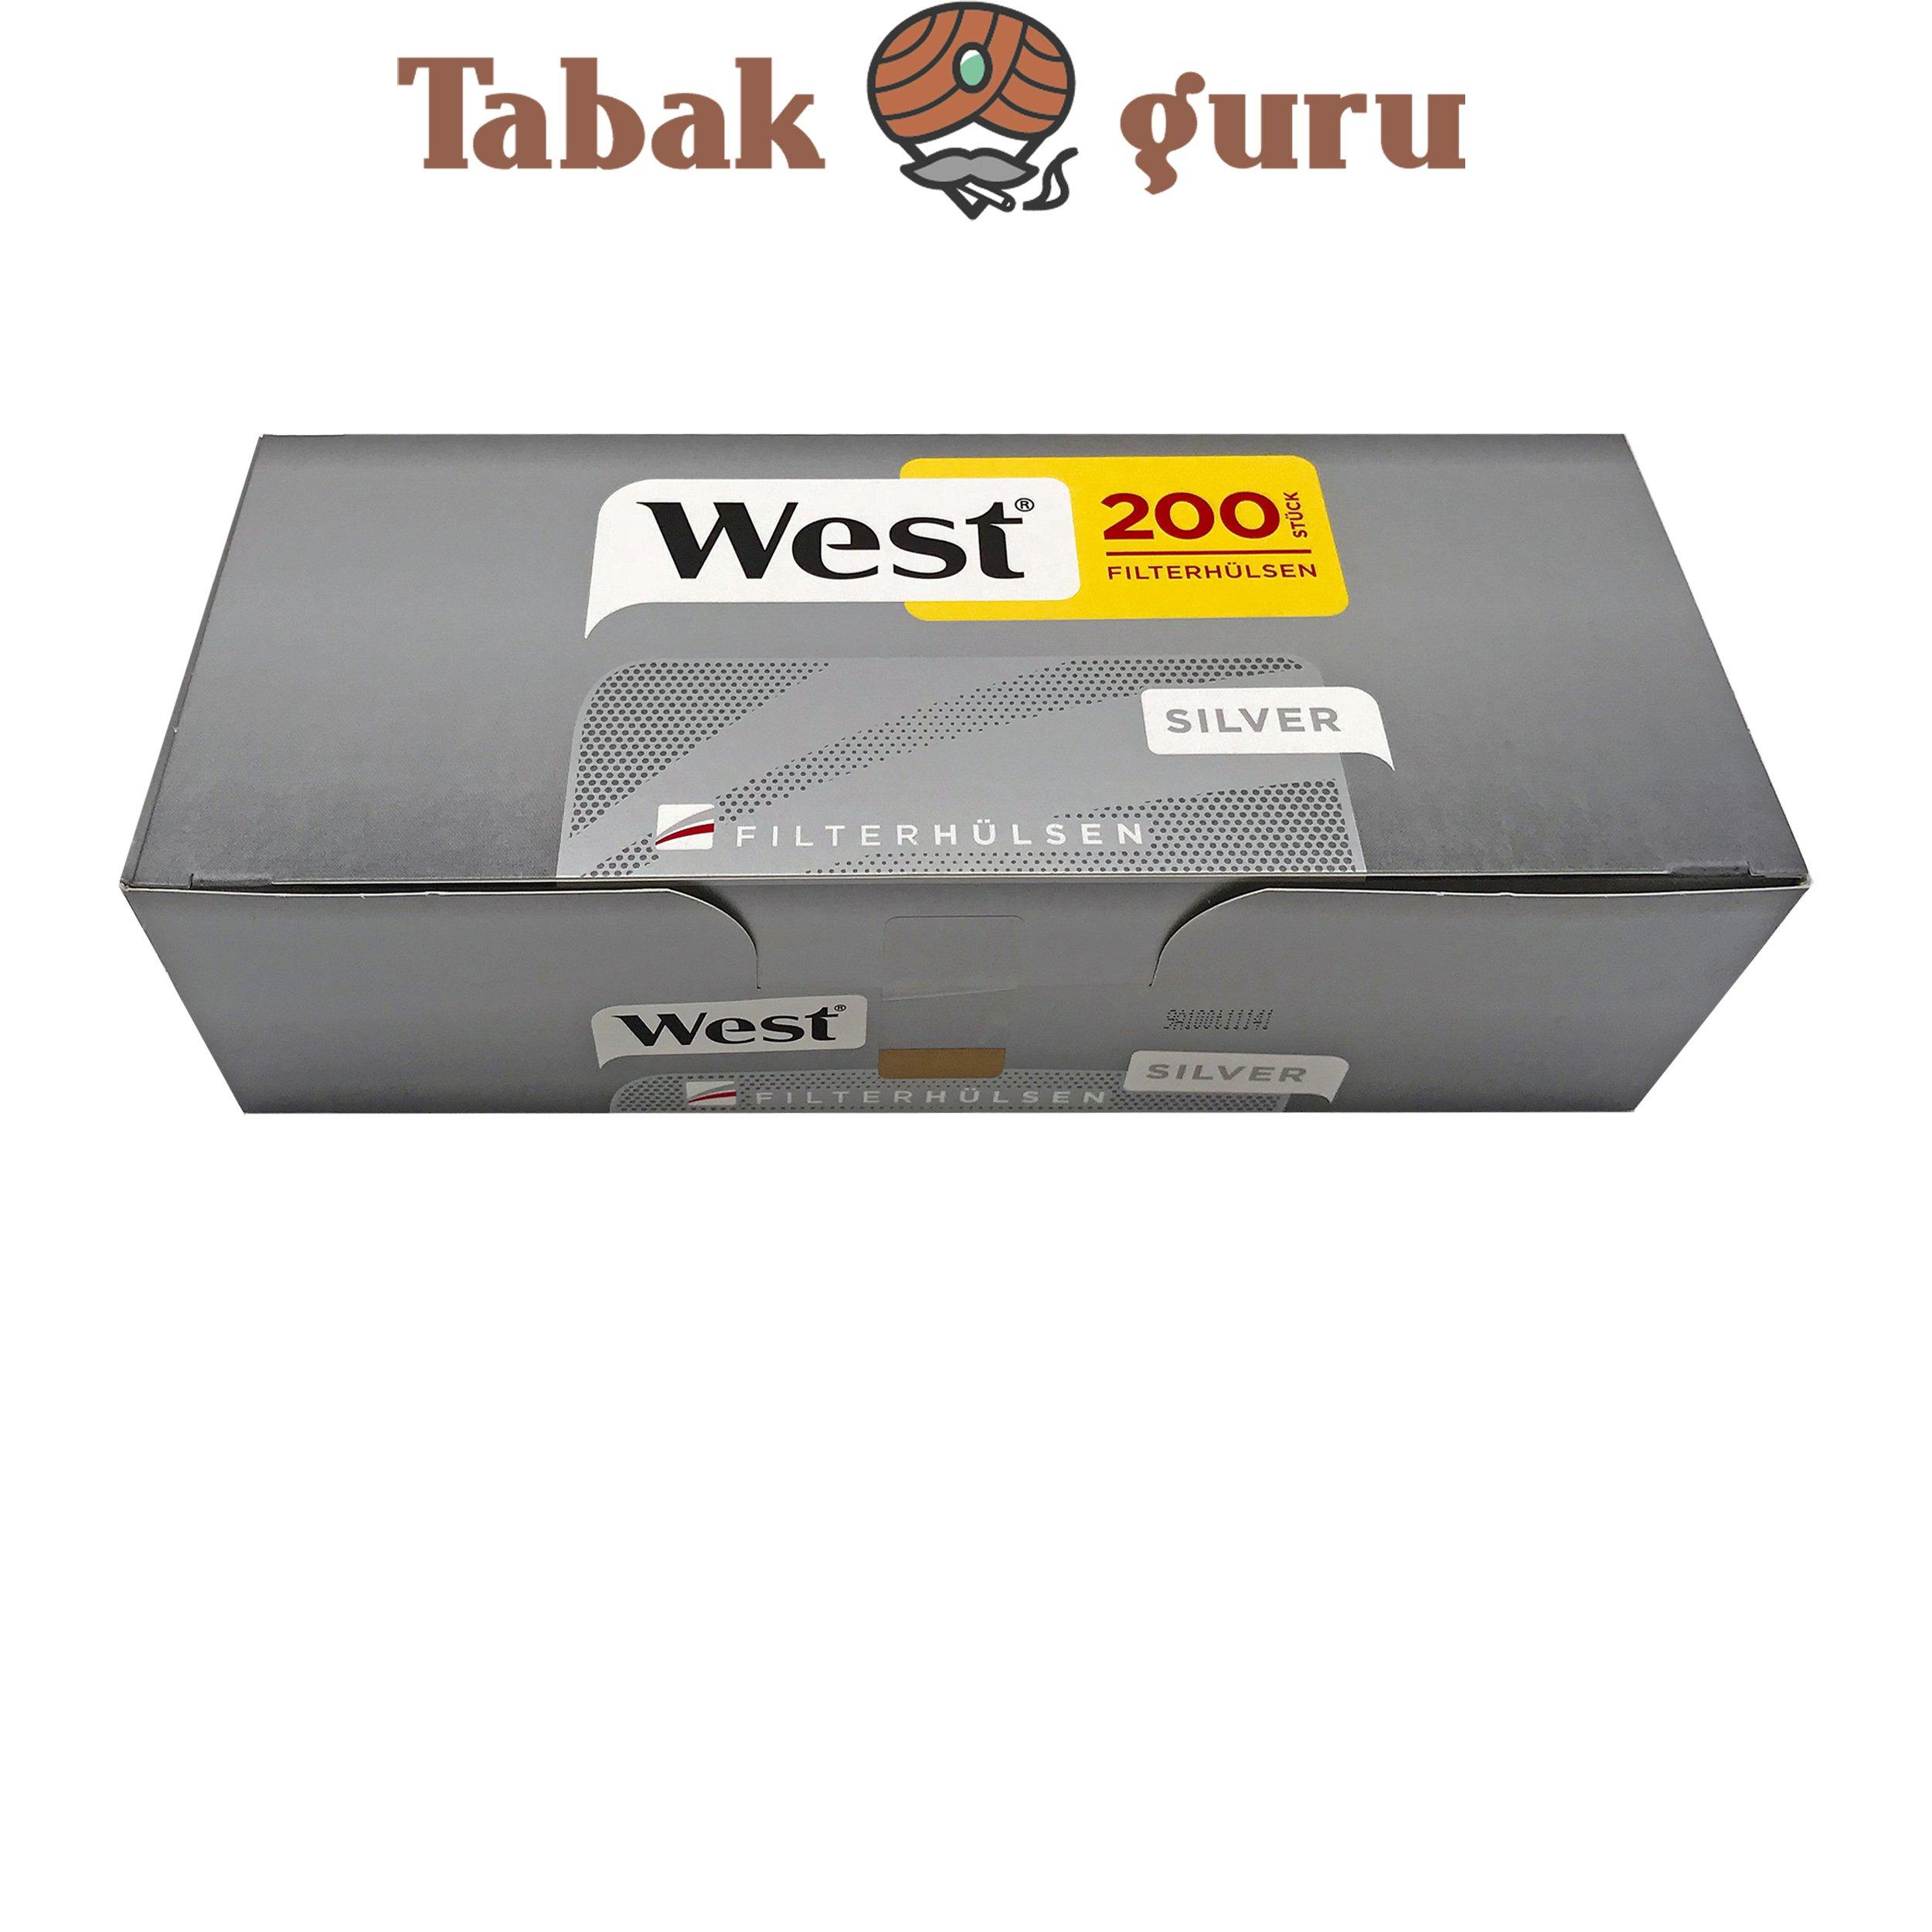 West Silver Filterhülsen